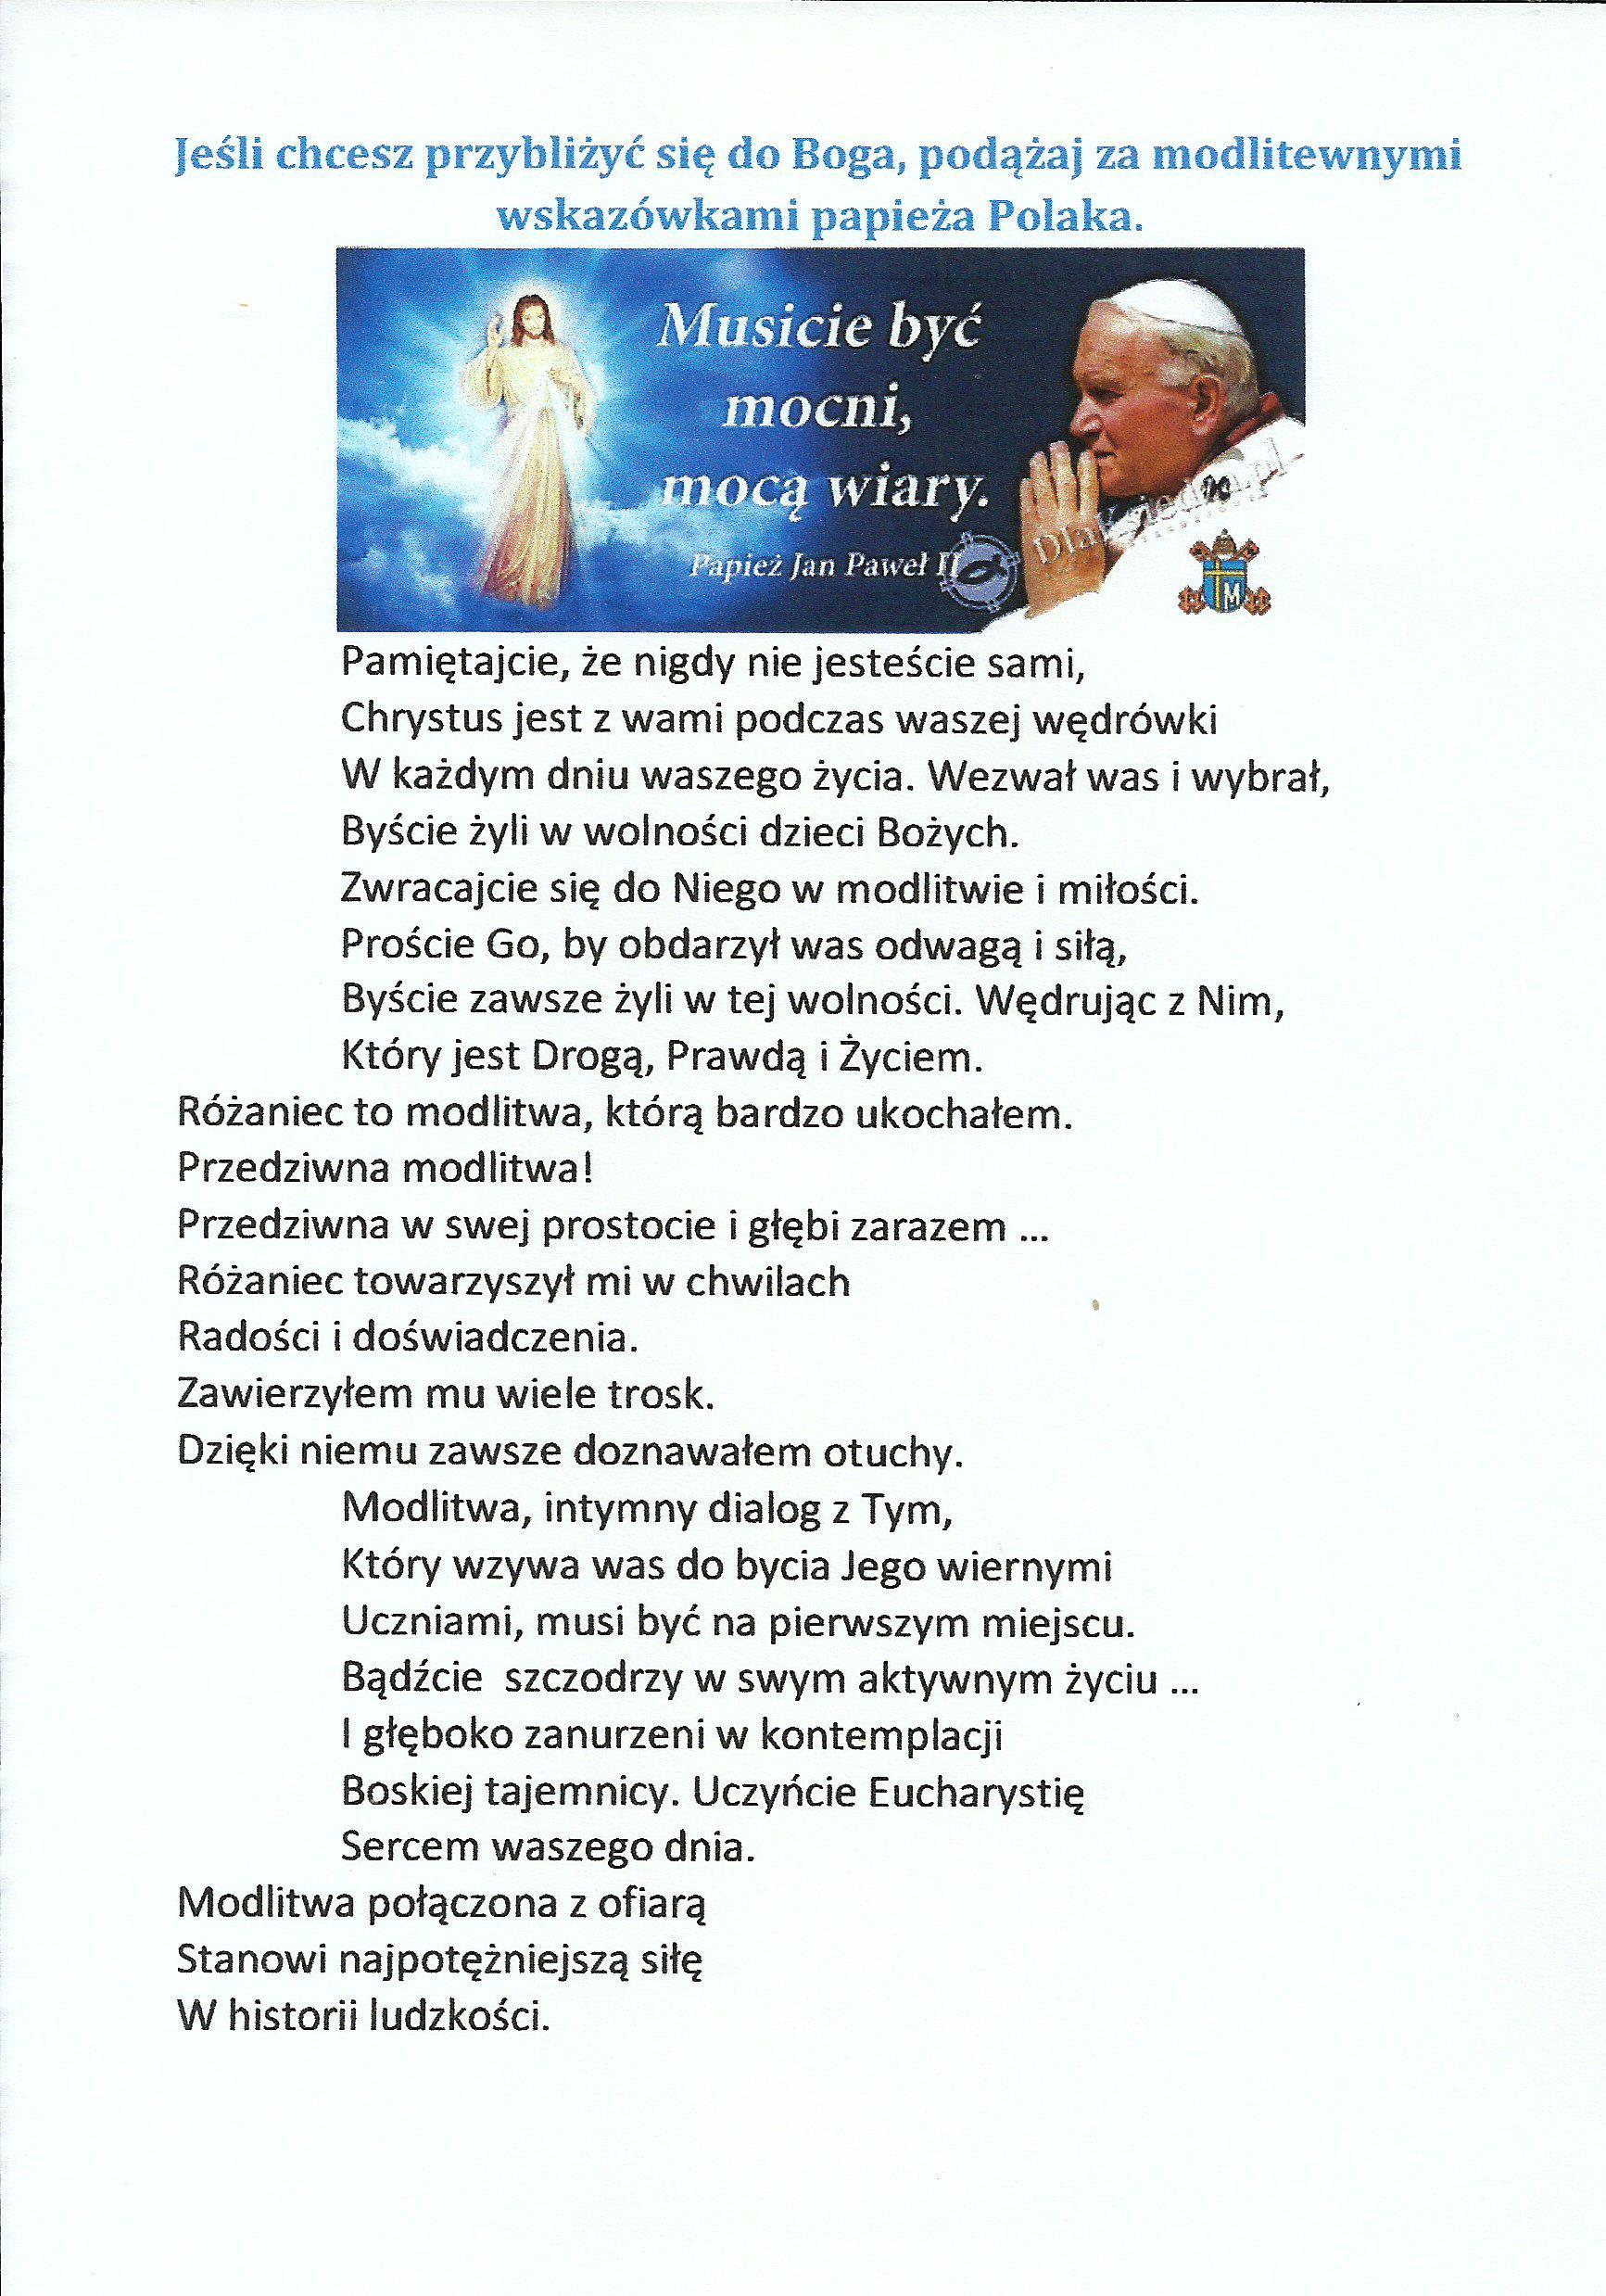 co św. Jan Paweł II mówi o modlitwie0002